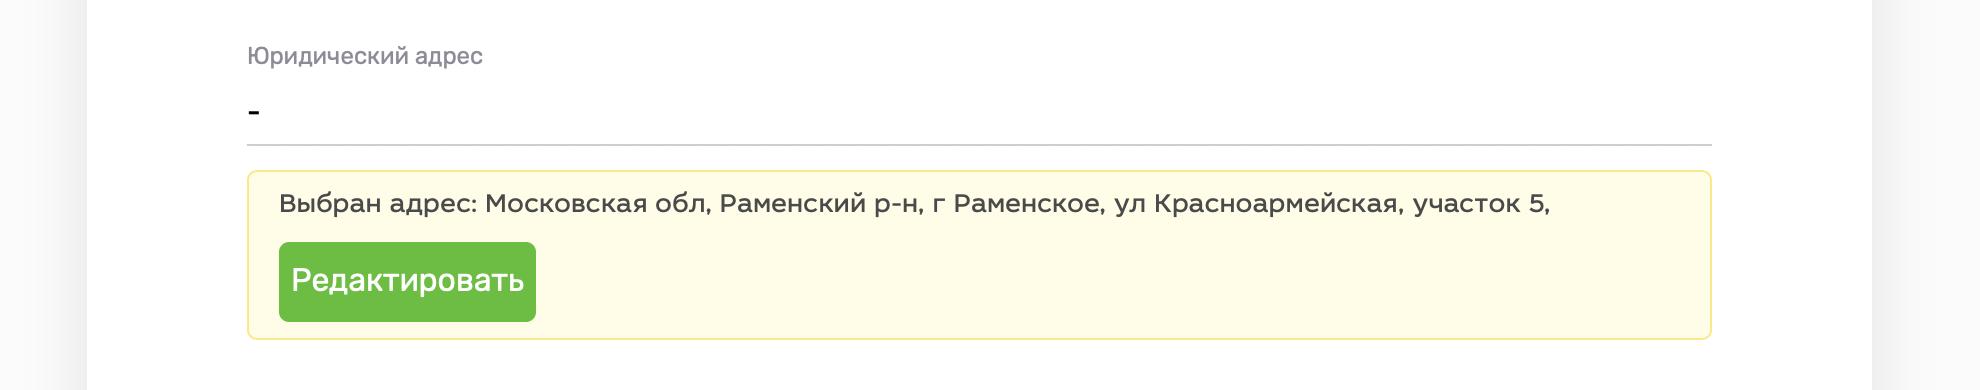 юр адрес сбербанка россии московская область